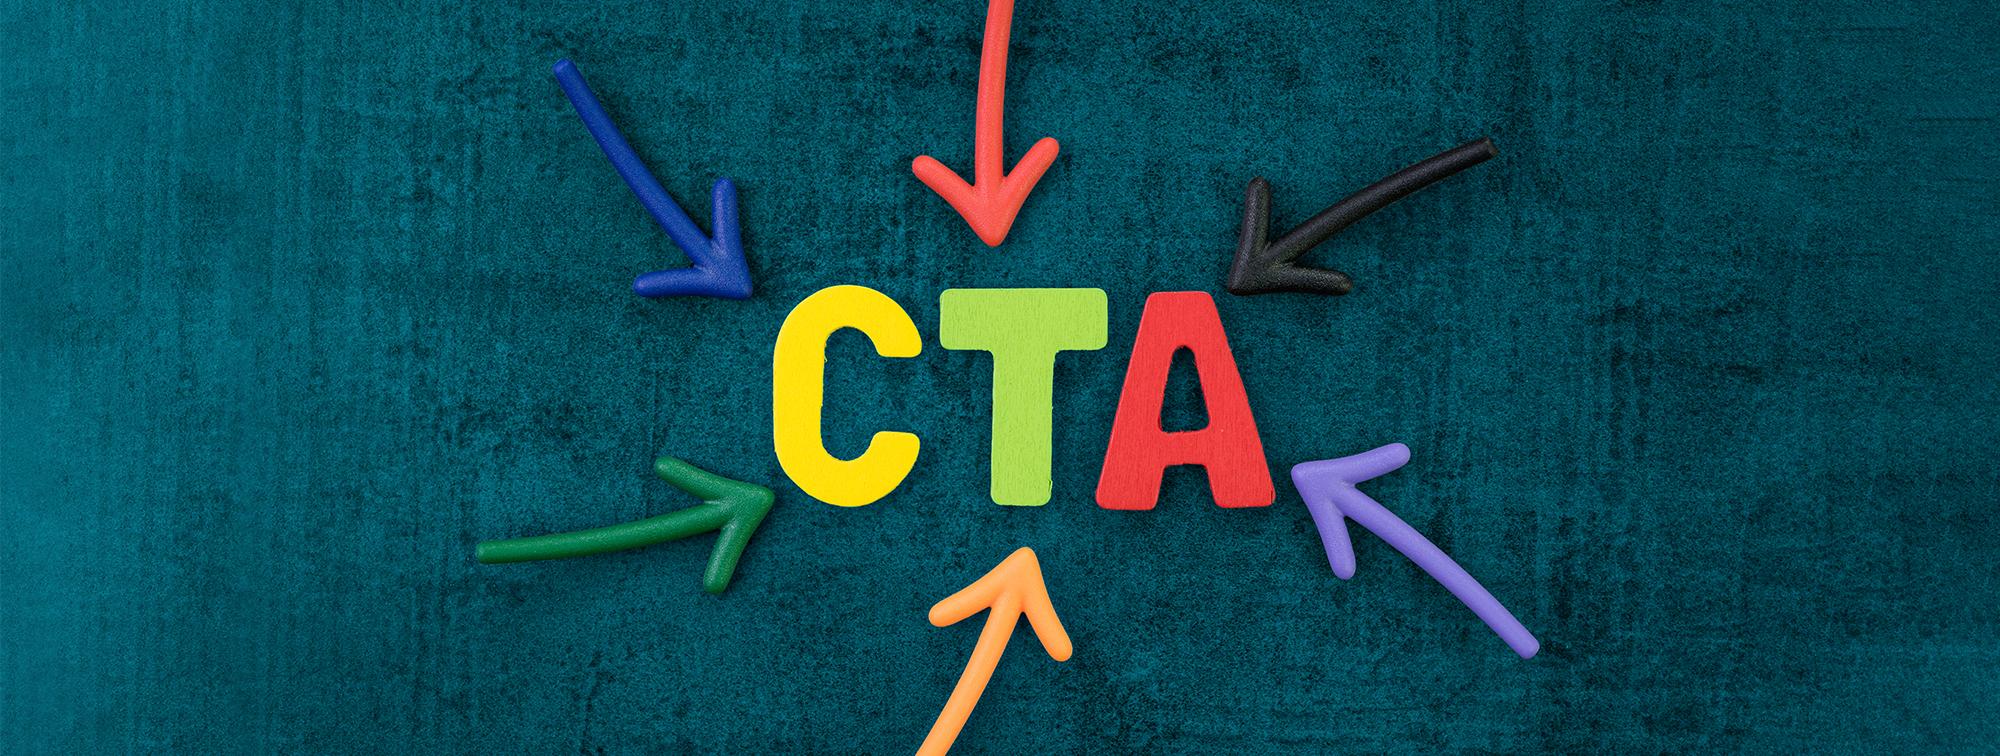 ctas-die-wirklich-funktionieren_header